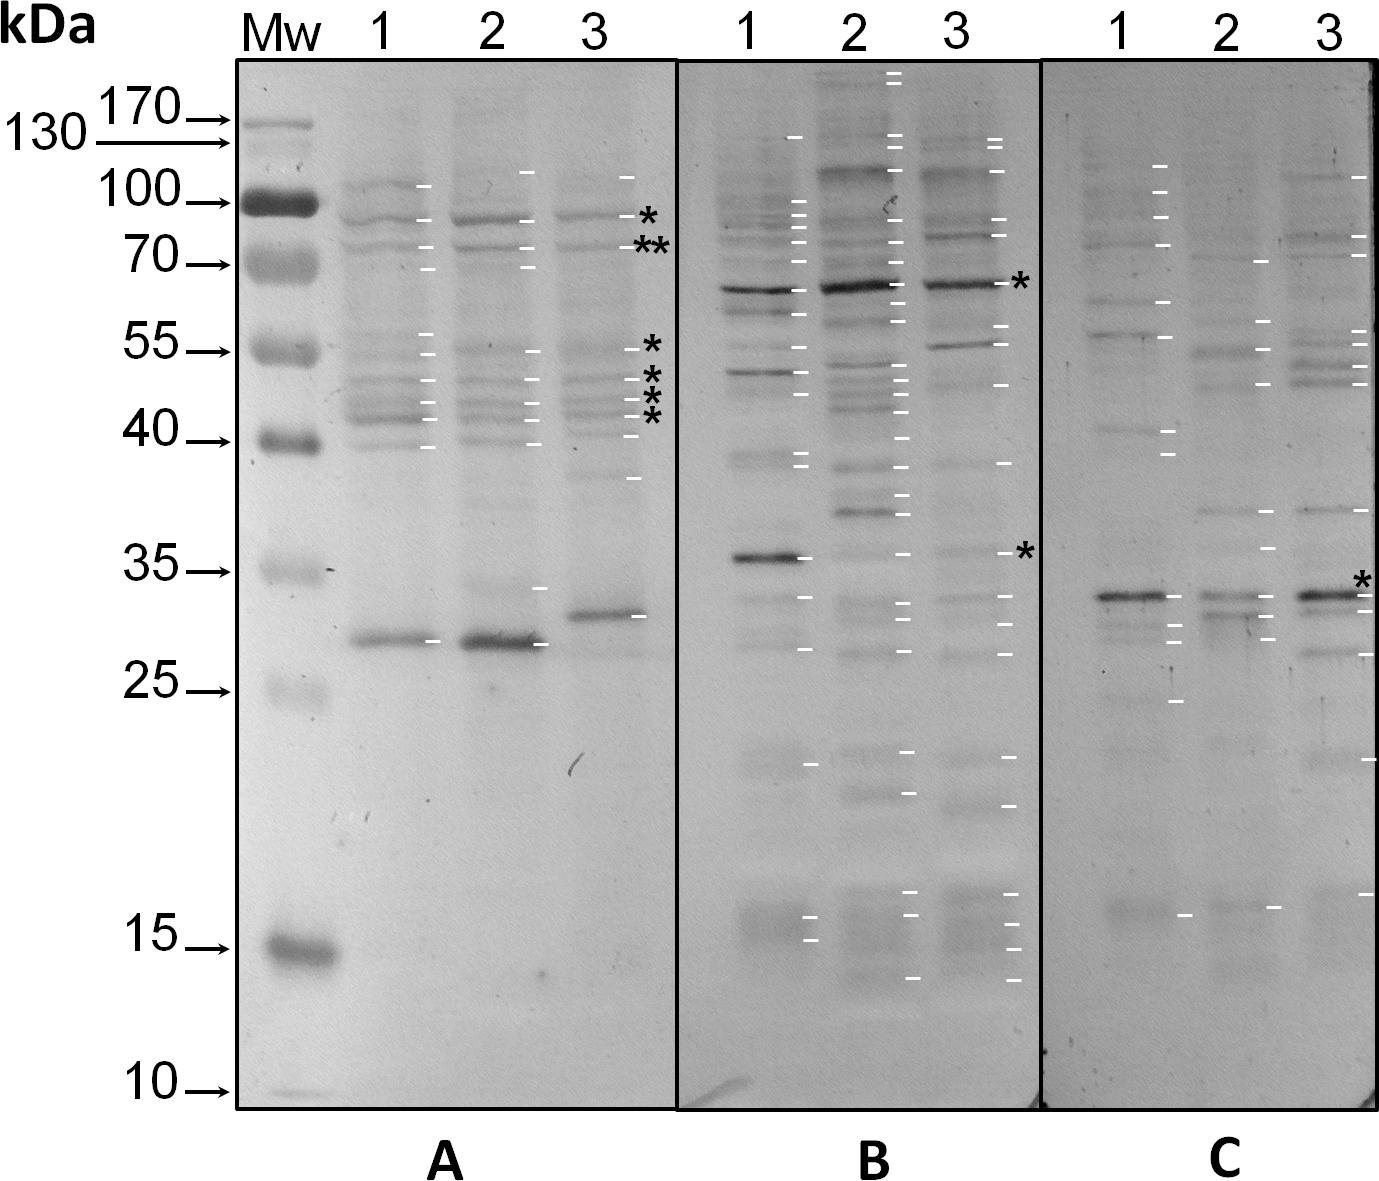 Phosphorylation/dephosphorylation response to light stimuli of